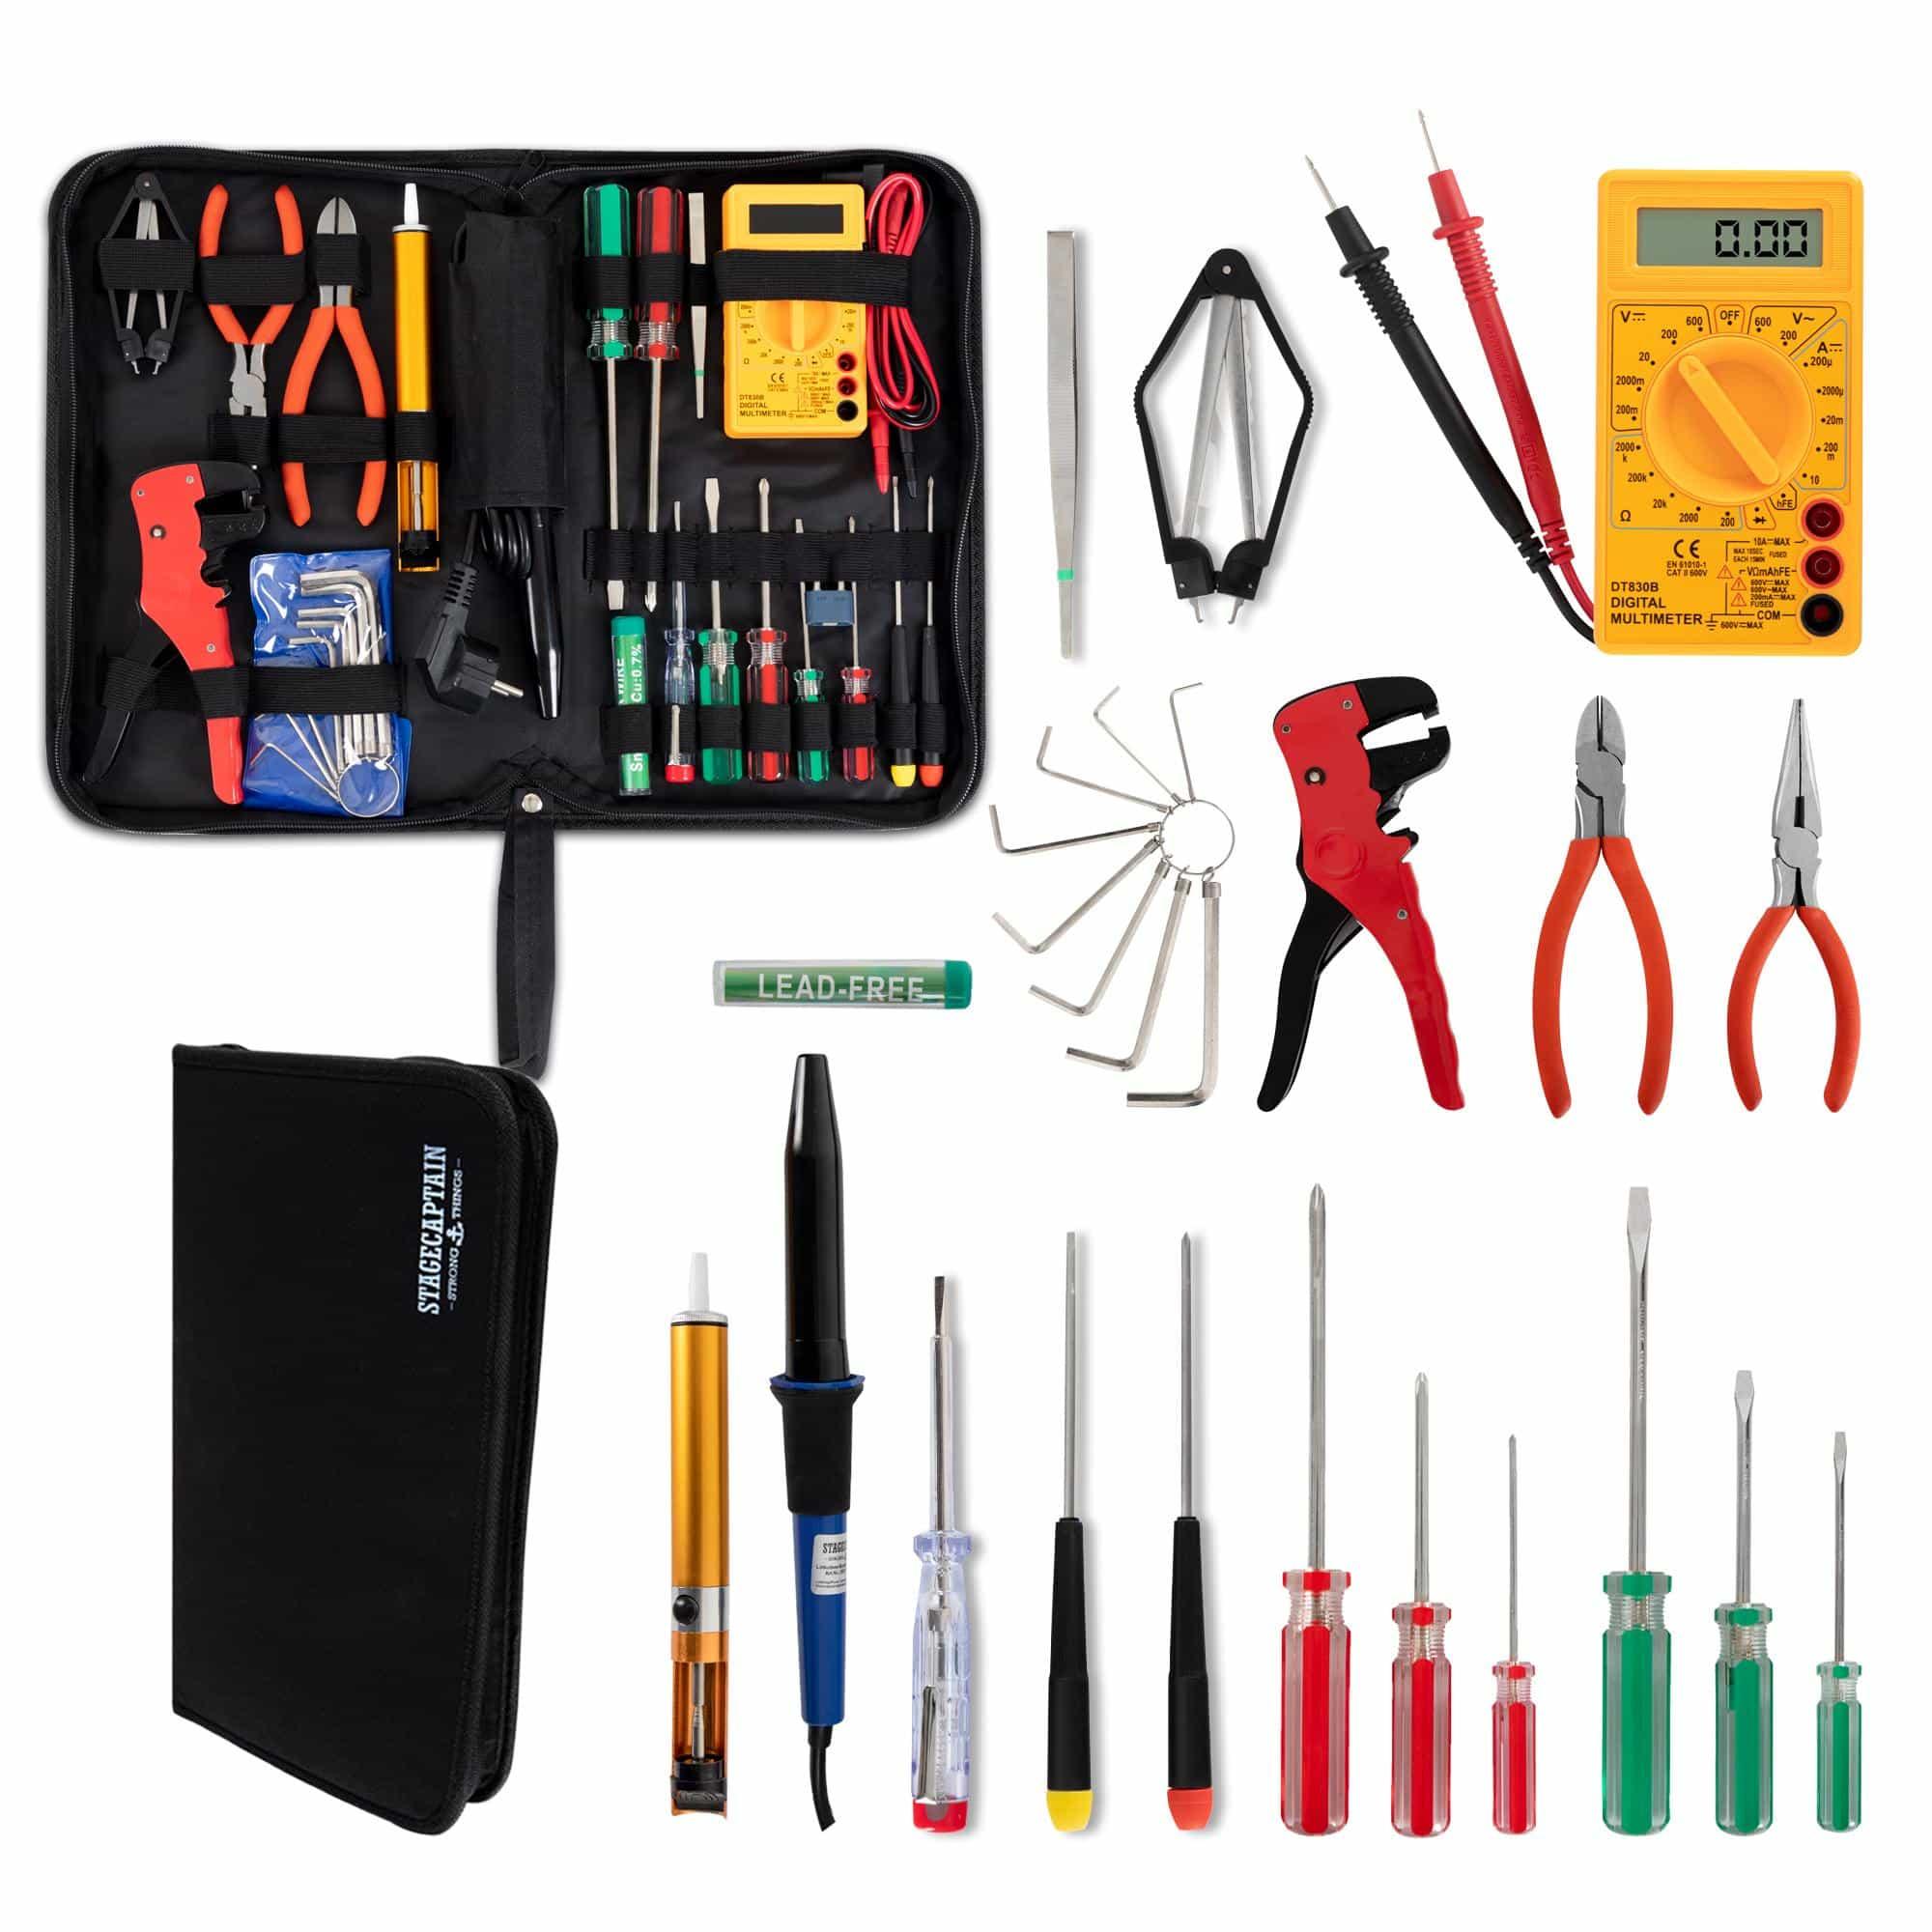 Stagecaptain EWS 15 Elektro Werkzeug Set